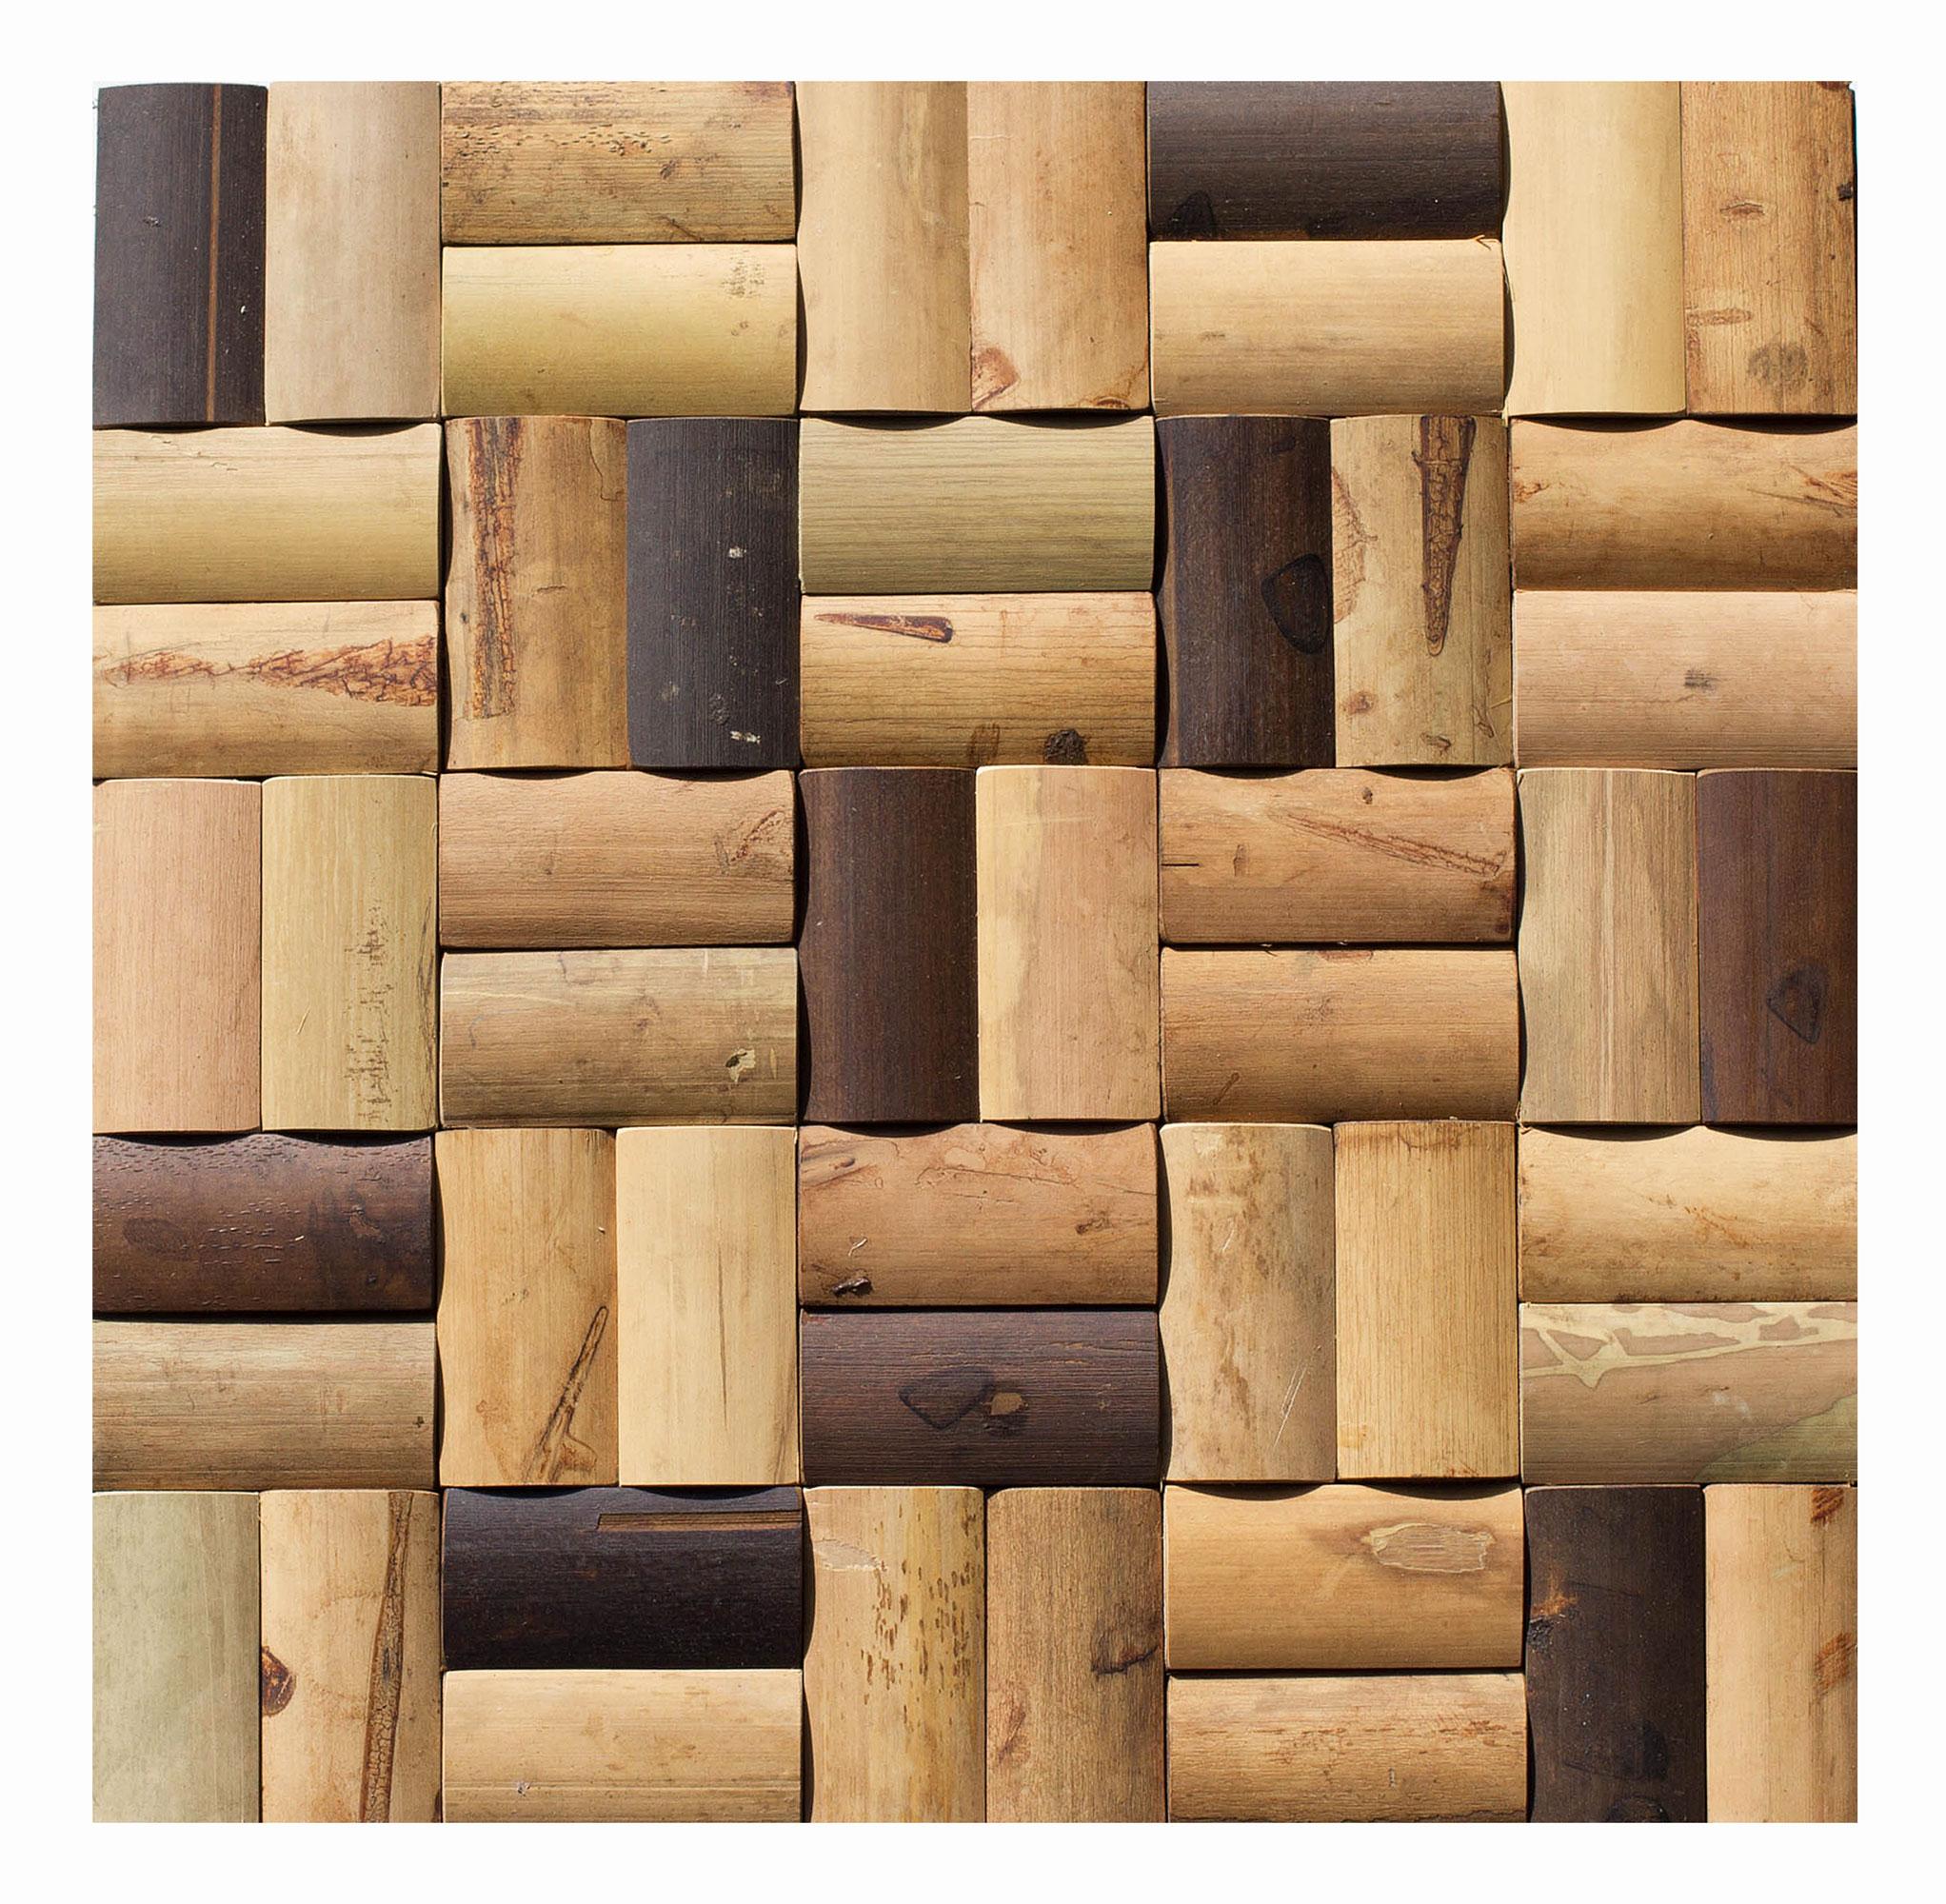 bamboo_mosaic_wall-cladding_wall-design